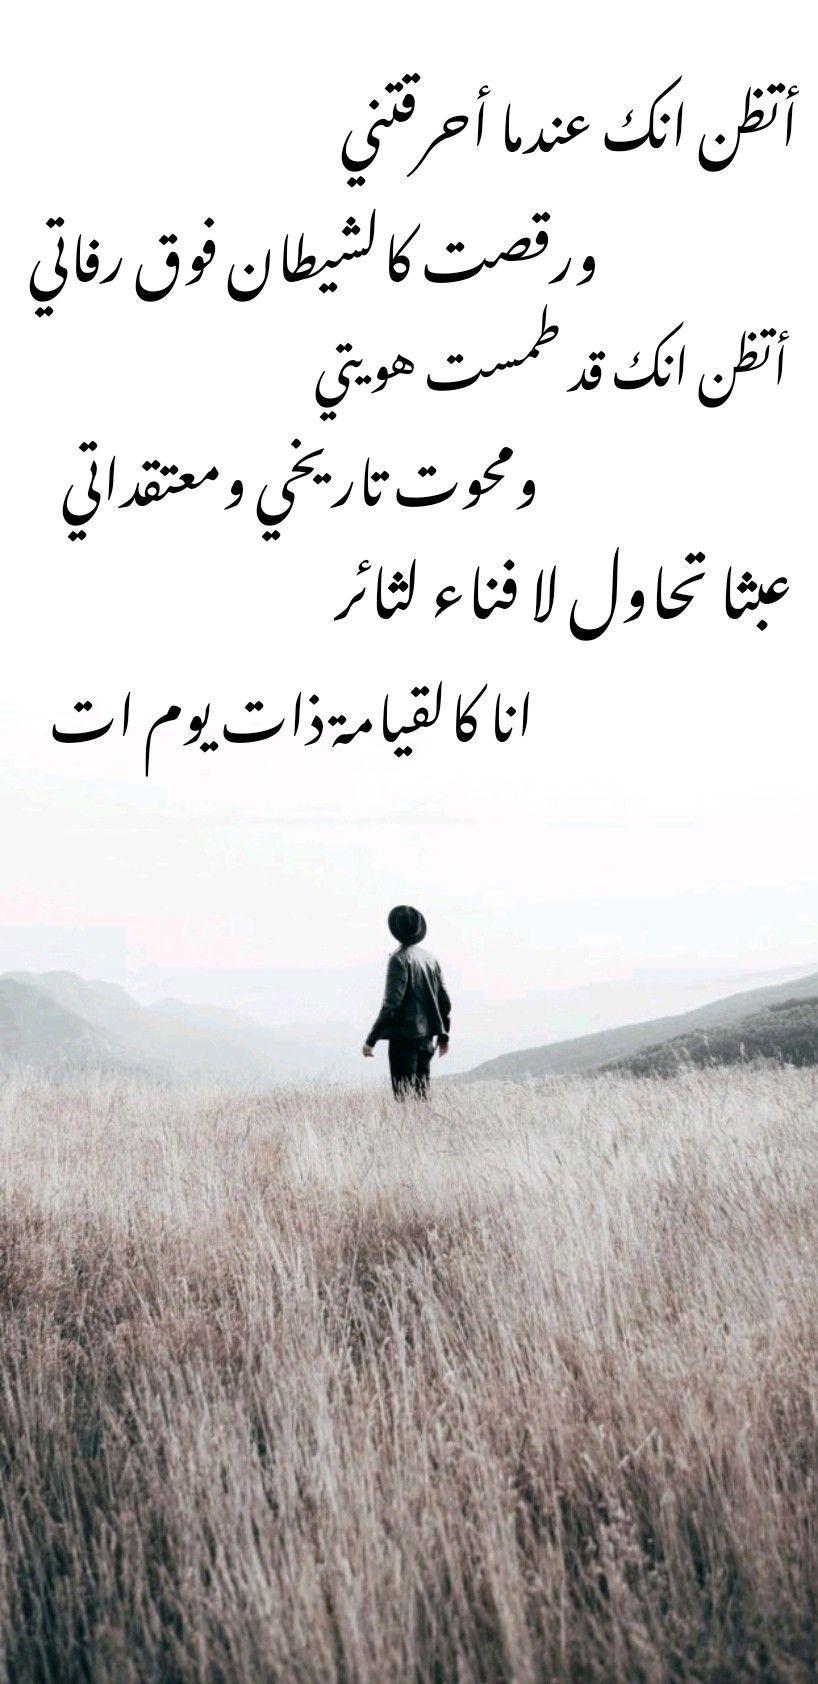 انا كالقيامة ذات يوم ات من اجمل الاشعار التي احبها Words Quotes Arabic Quotes Cool Words